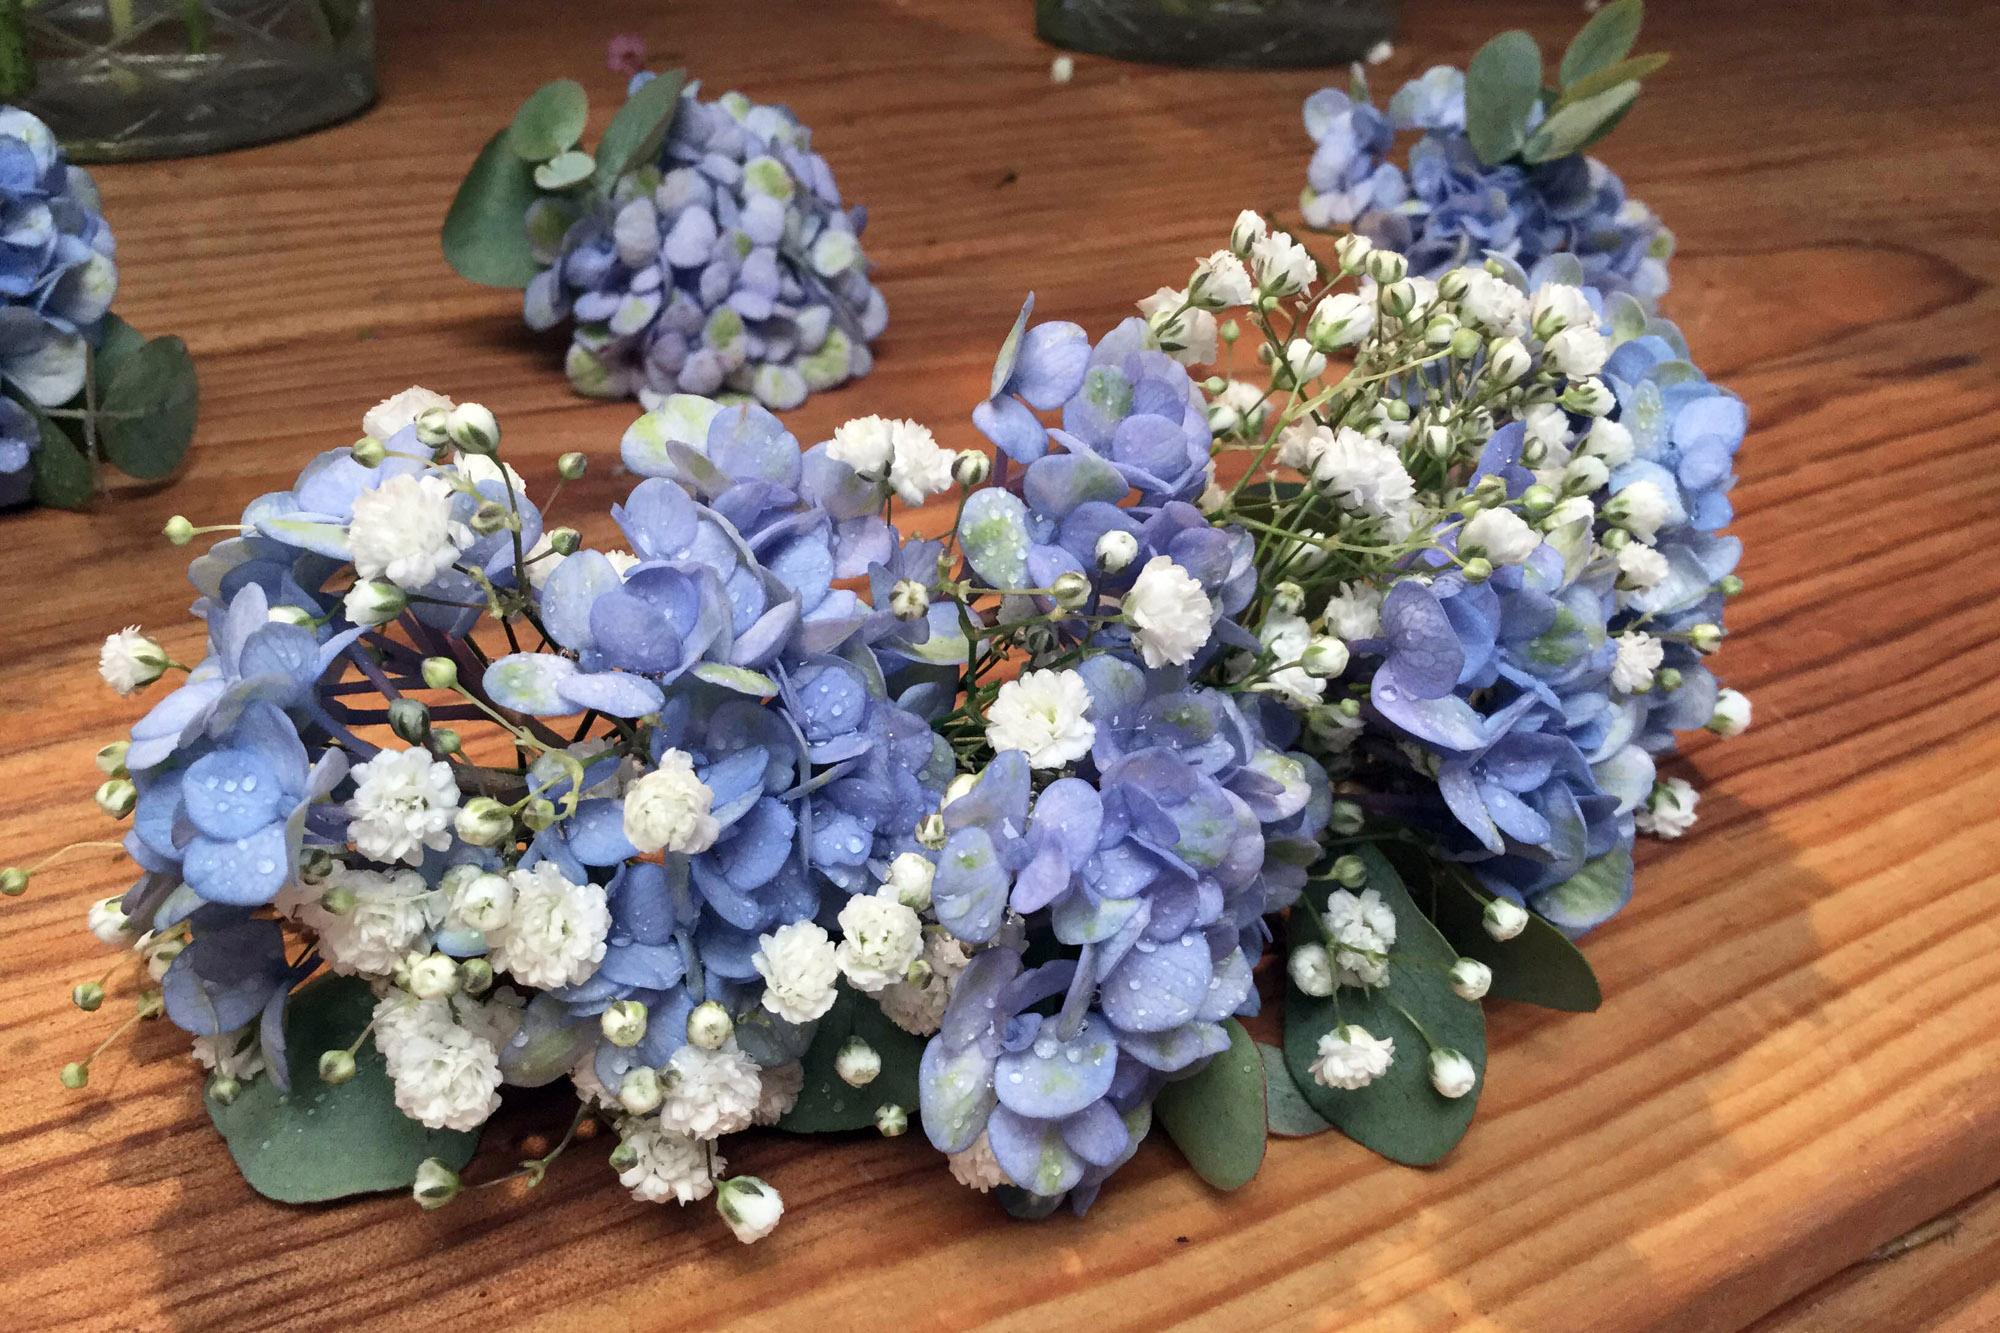 fleuriste-mariage-64-photographe-Loreak-kalean-mariotto-landes-pays-basque-04